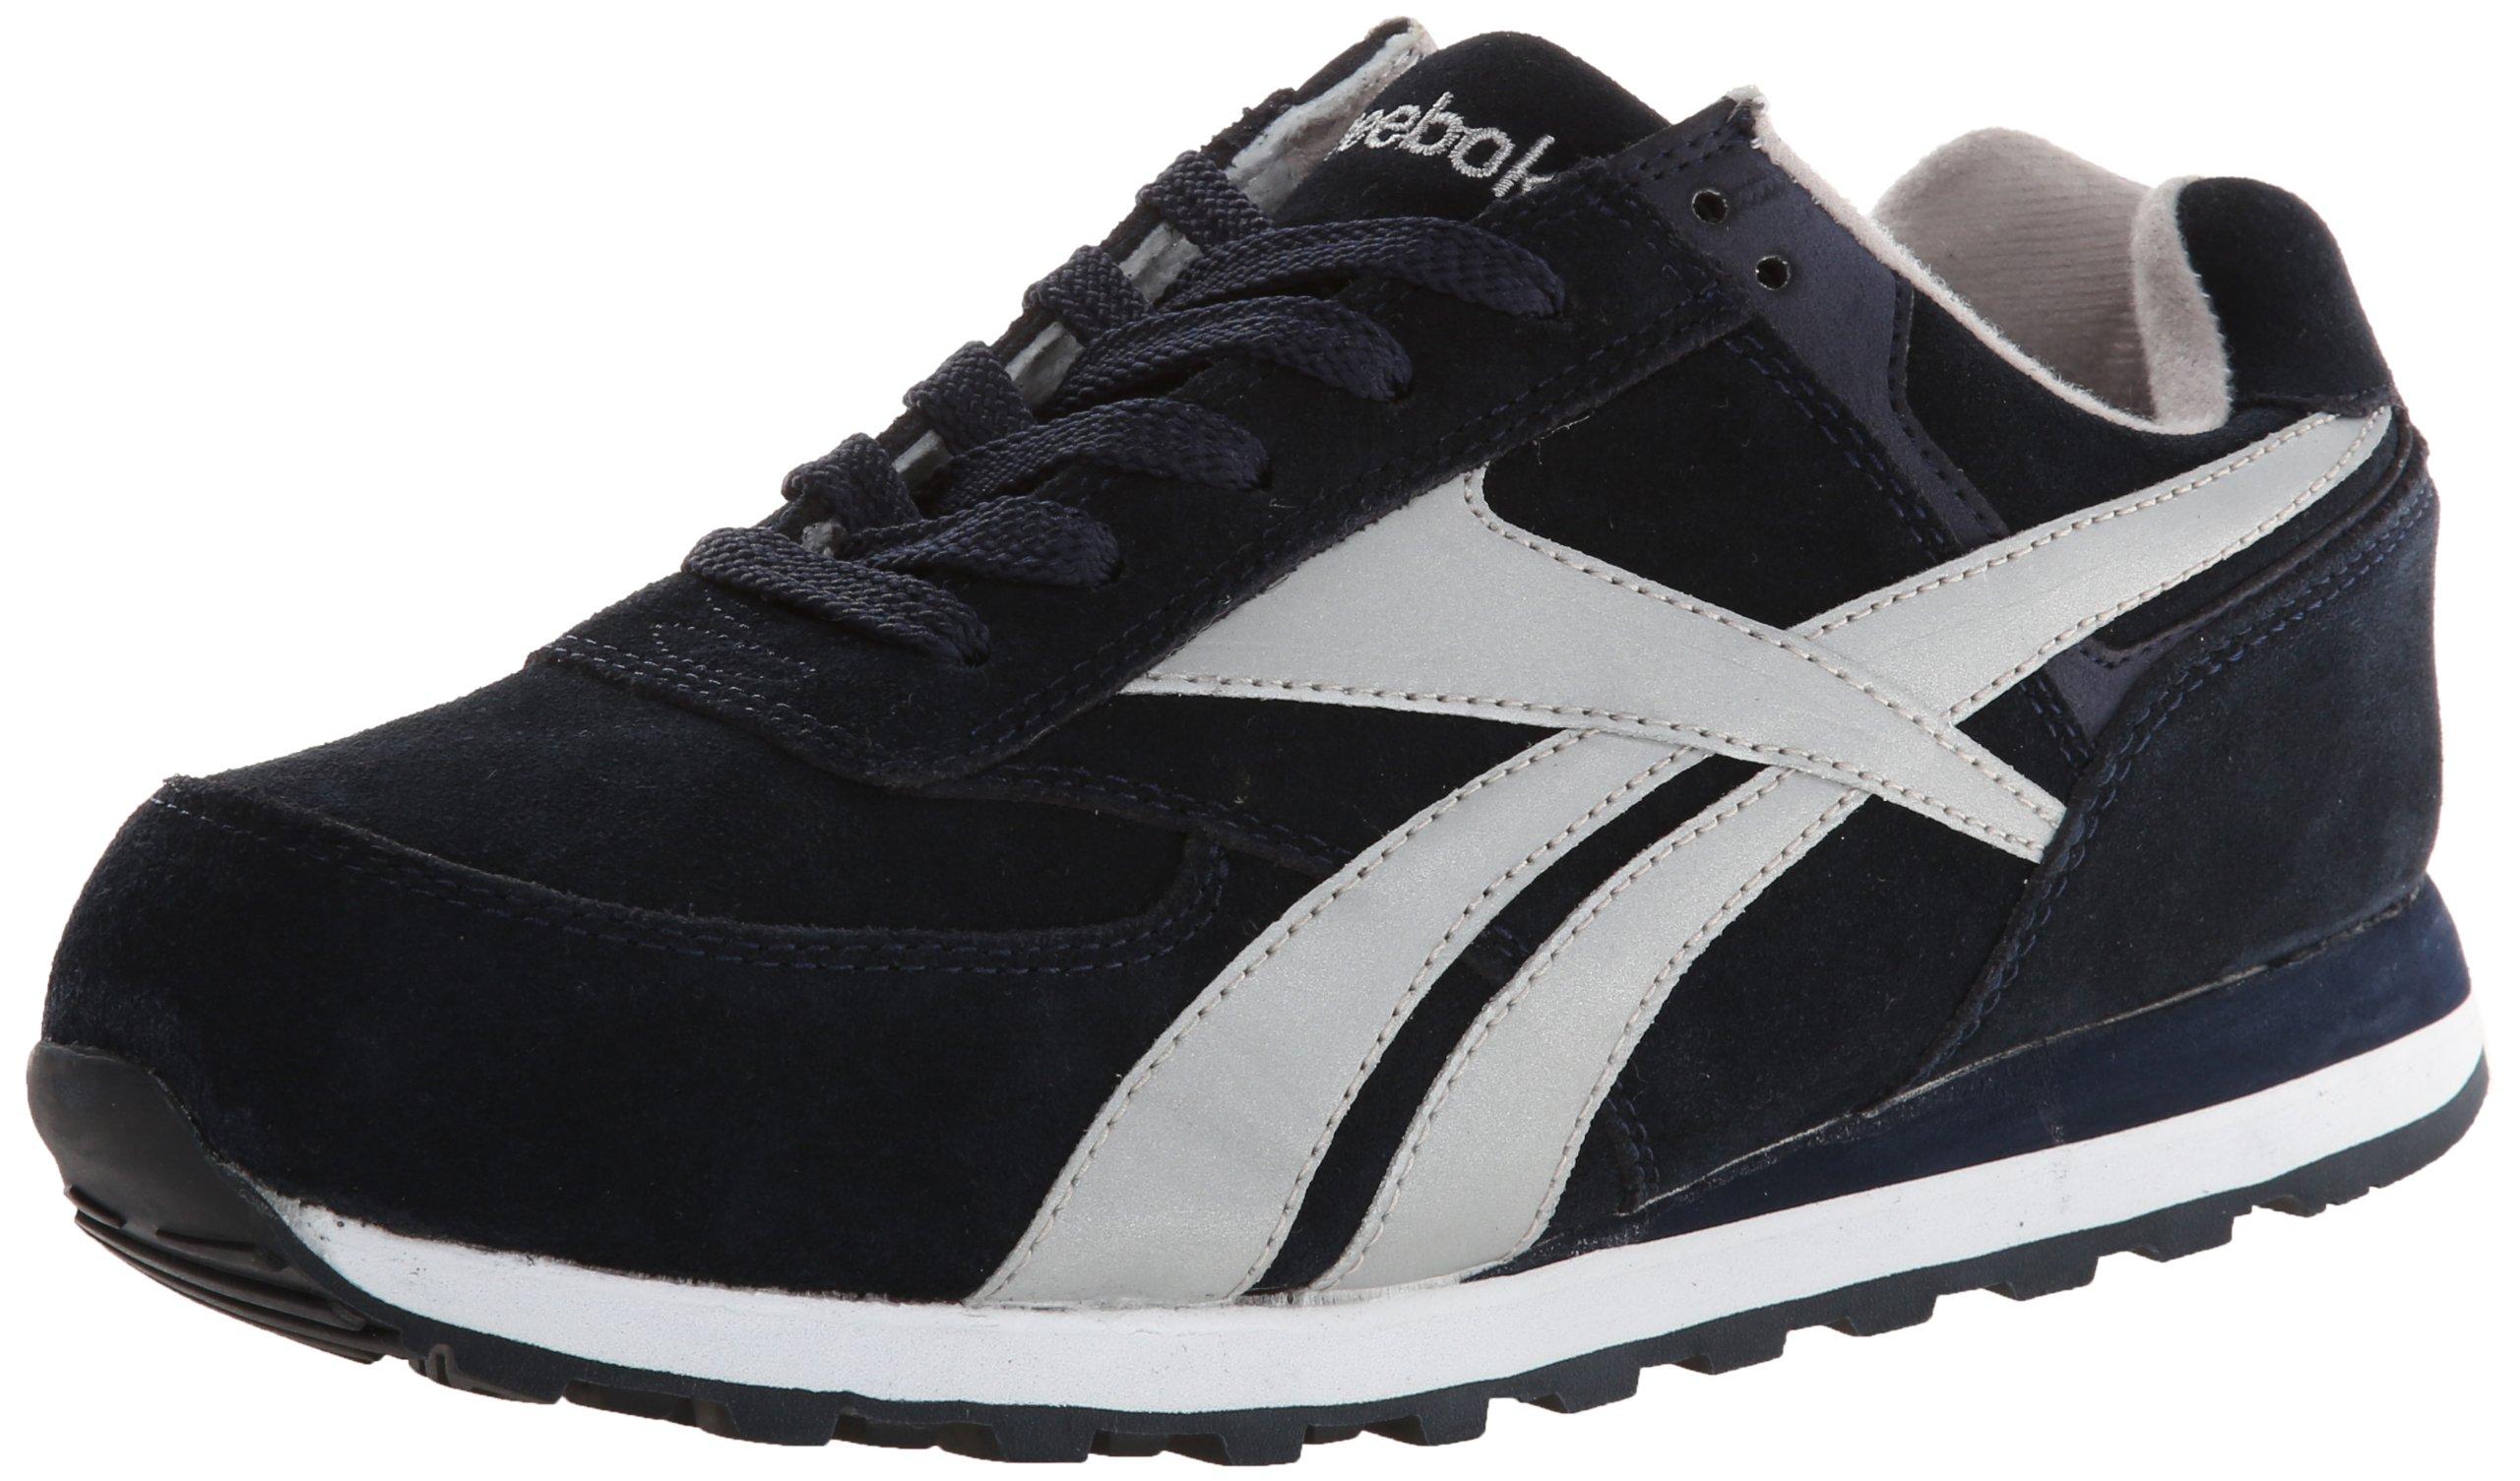 Reebok Work Men's Leelap RB1975 Safety Shoe,Blue,10 M US by Reebok Work